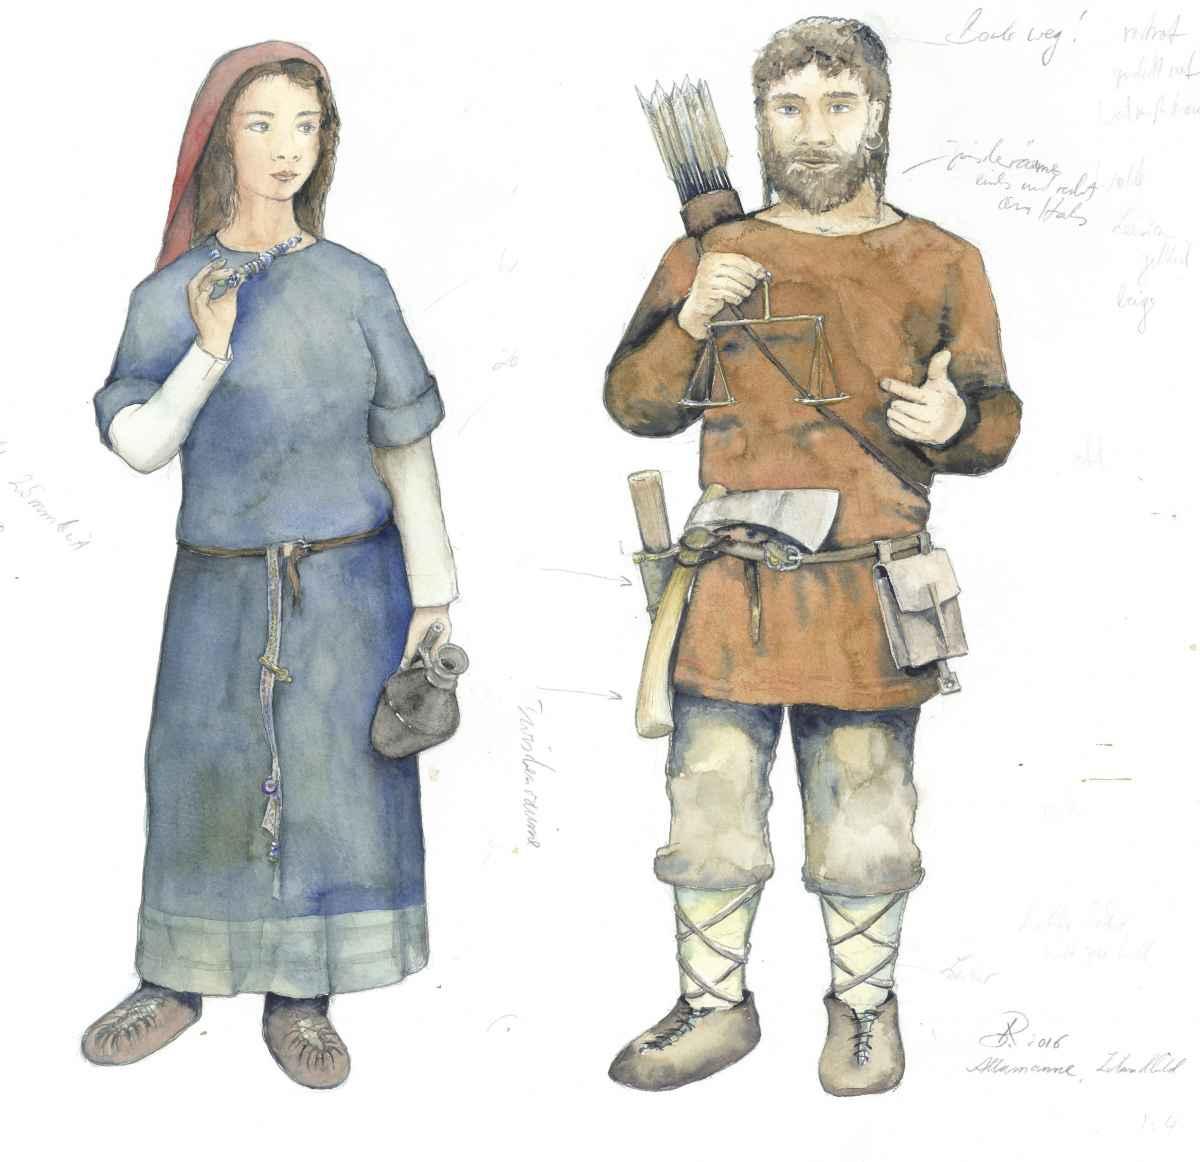 Alamannen Frau Mann Kleidung Museum Horb Modell Illustration Archäologie Roland Gäfgen blick zeit bild